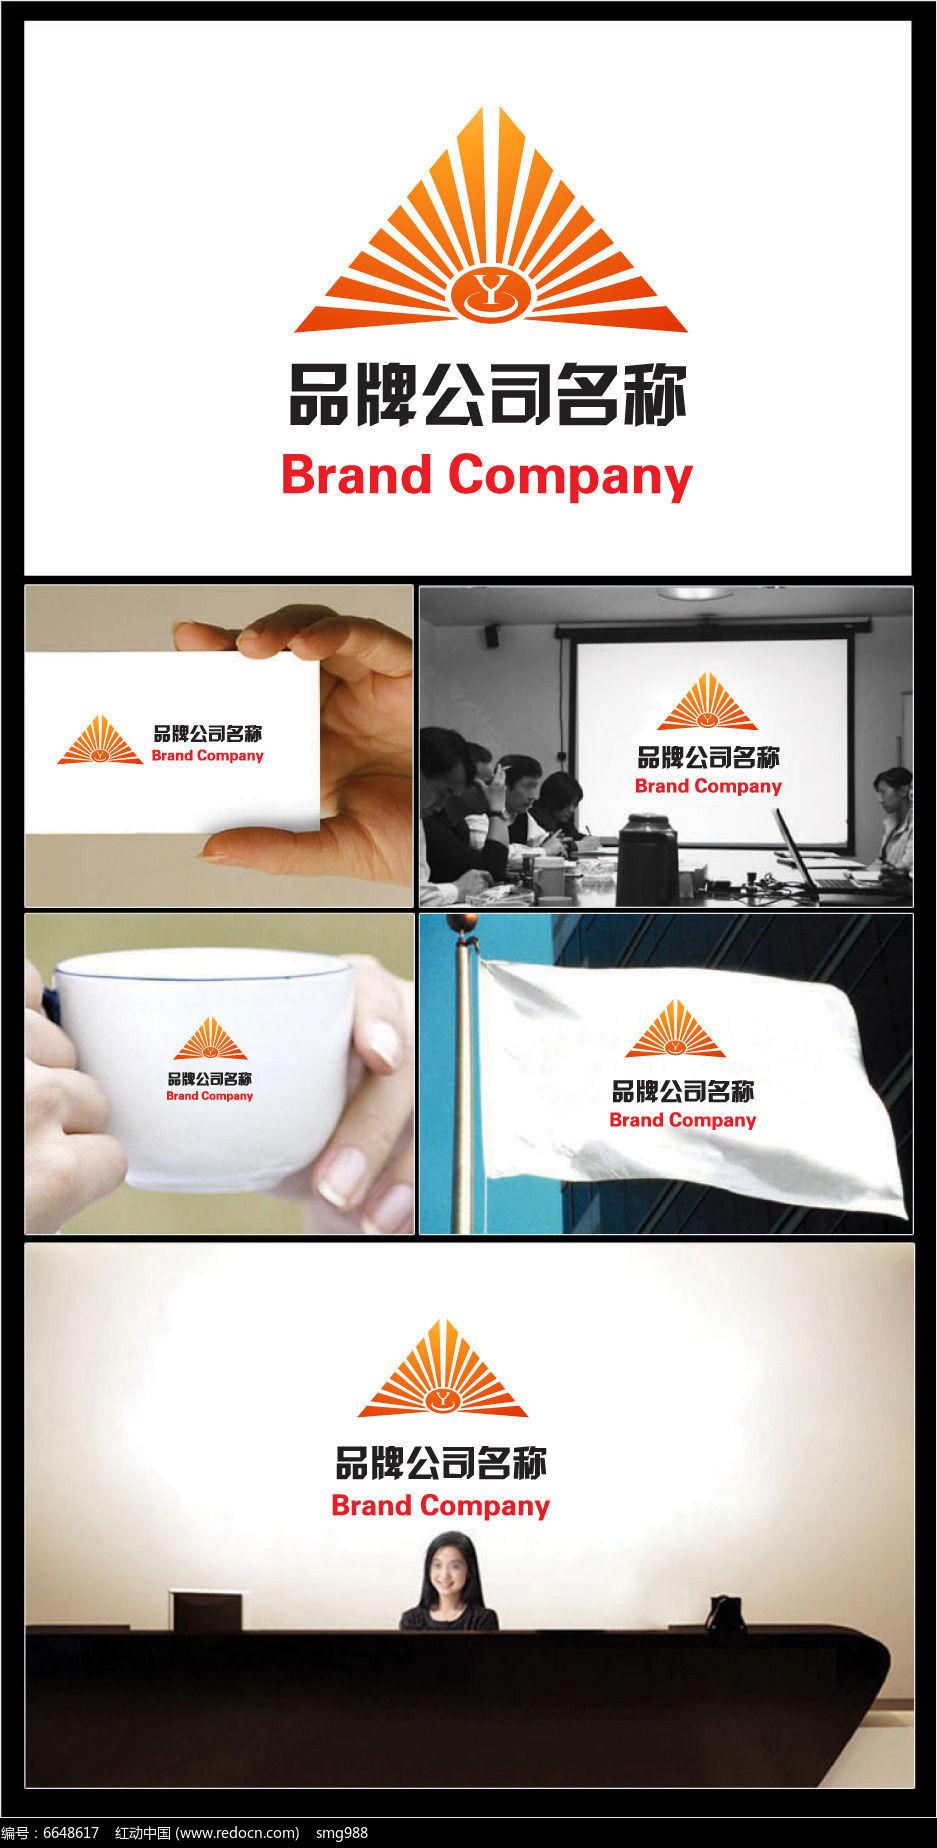 字母变形光芒四射图案的公司标志图片